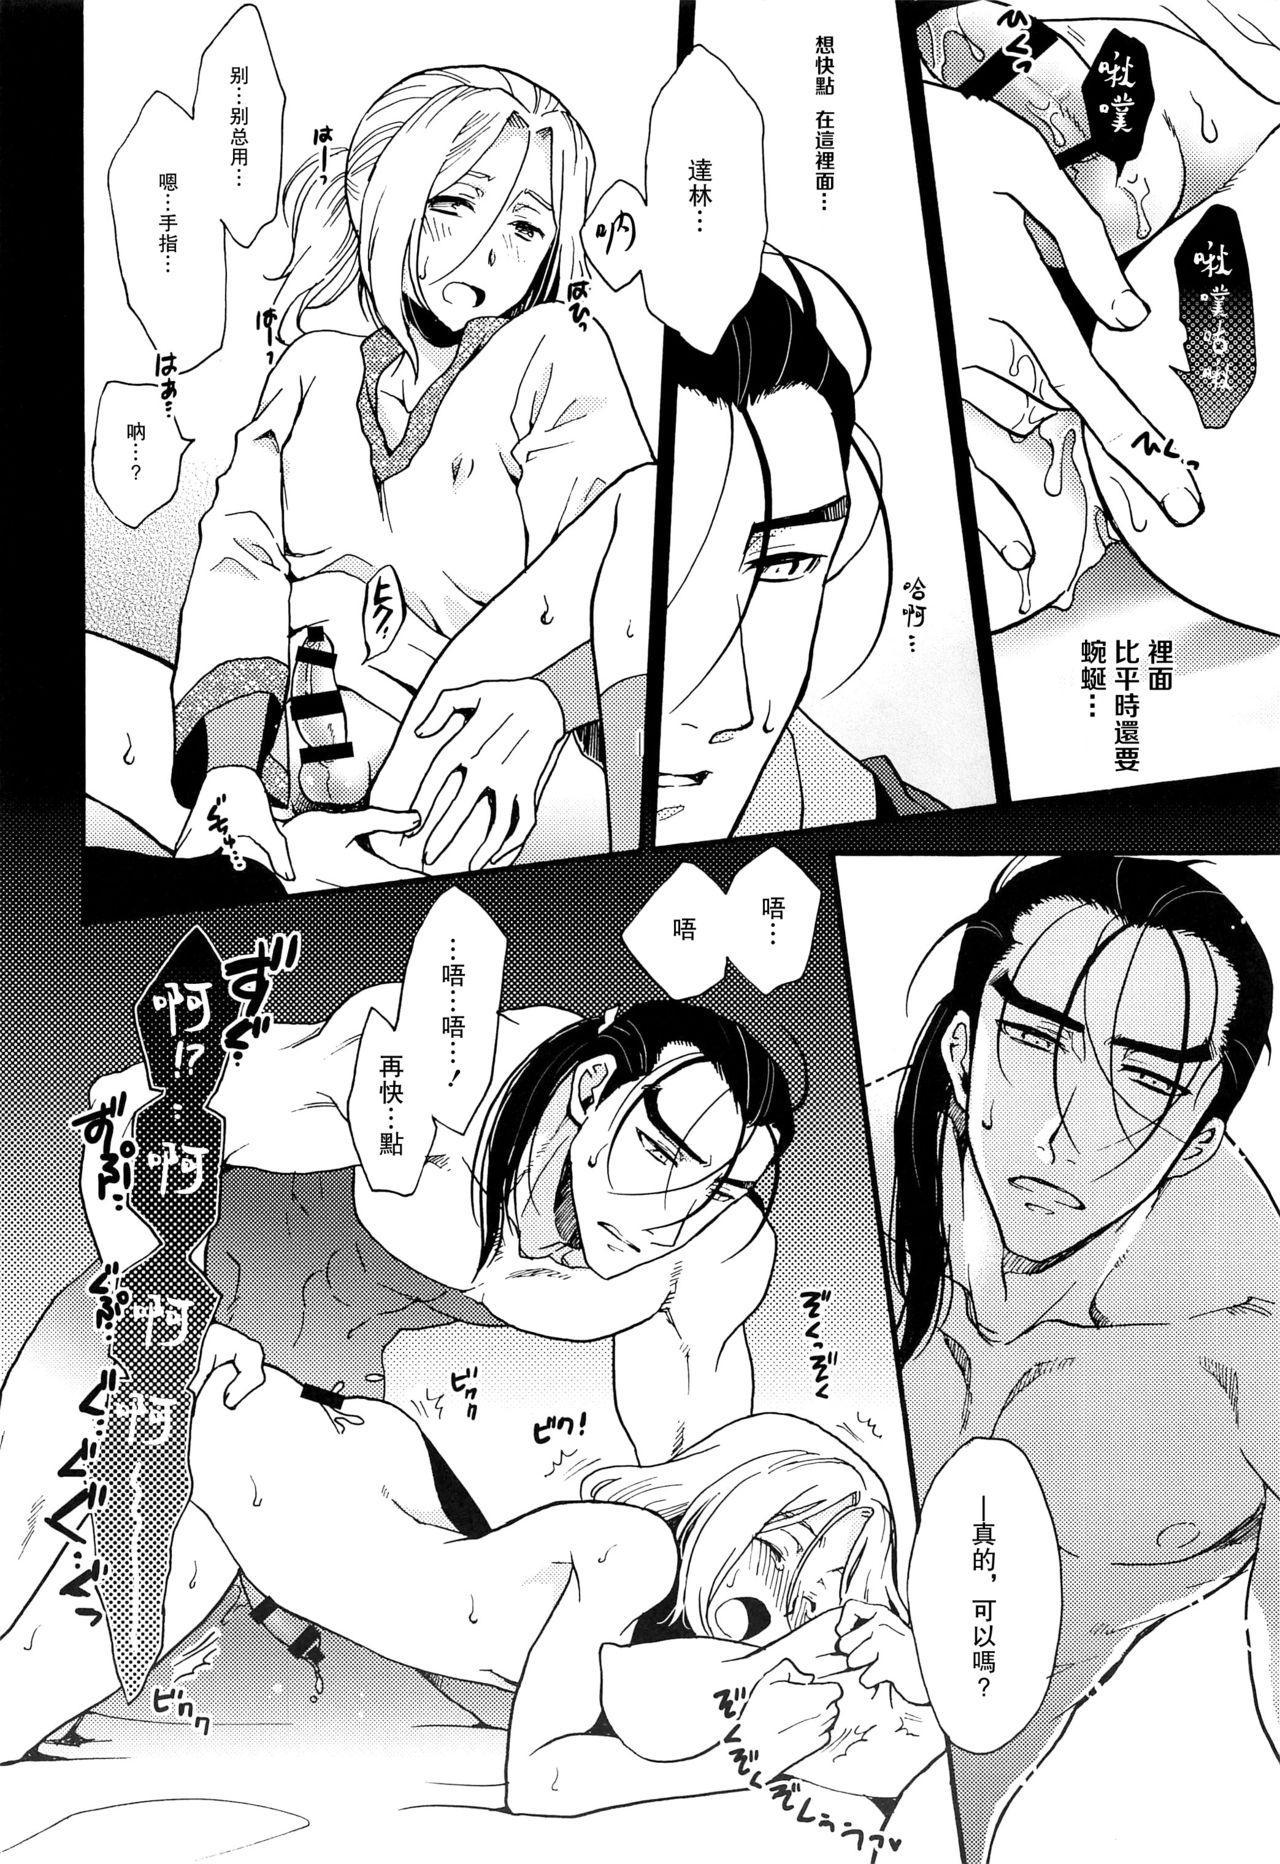 Umi to Biyaku 8